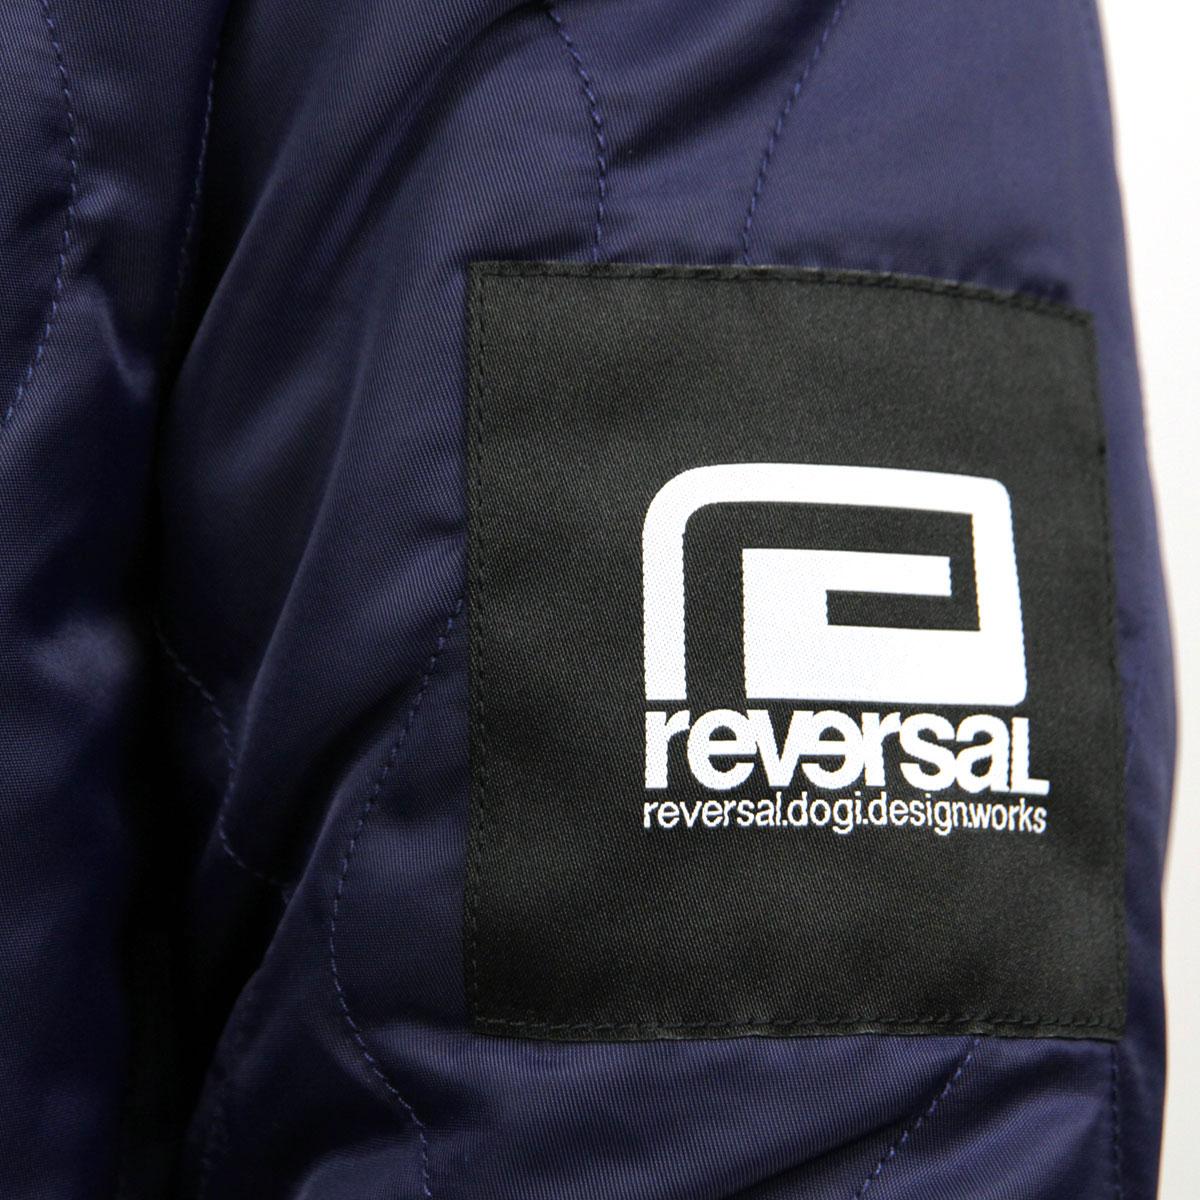 リバーサル REVERSAL 正規販売店 メンズ MA-1 リバーシブルジャケット アウター FANGS REVERSIBLE JACKT rv18aw003 NAVY x ORANGE A06B B1C C1D D4E E06F ホワイトデー 2021 ラッピング無料